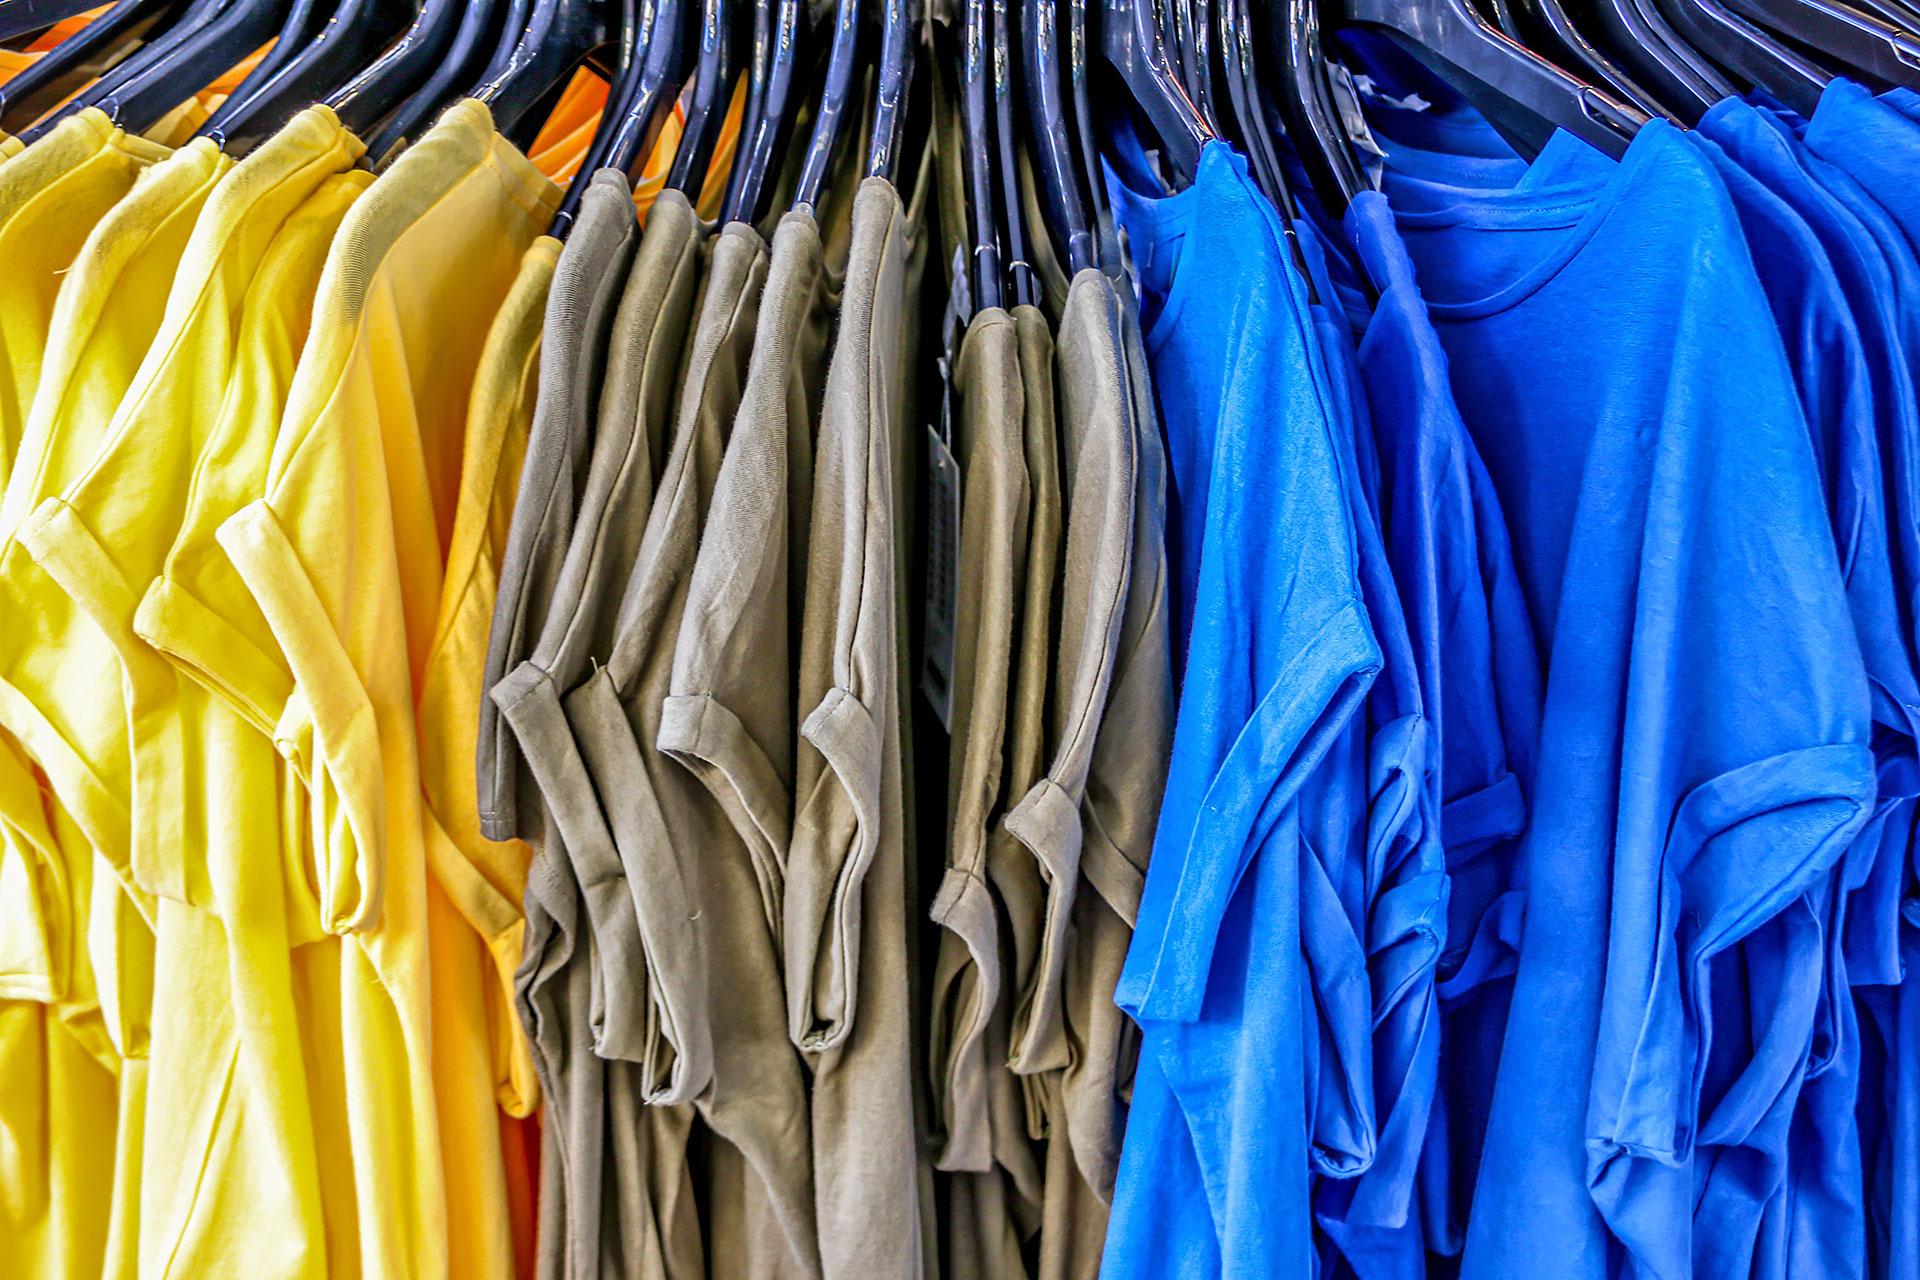 farbige T-Shirts hängen an Bügeln